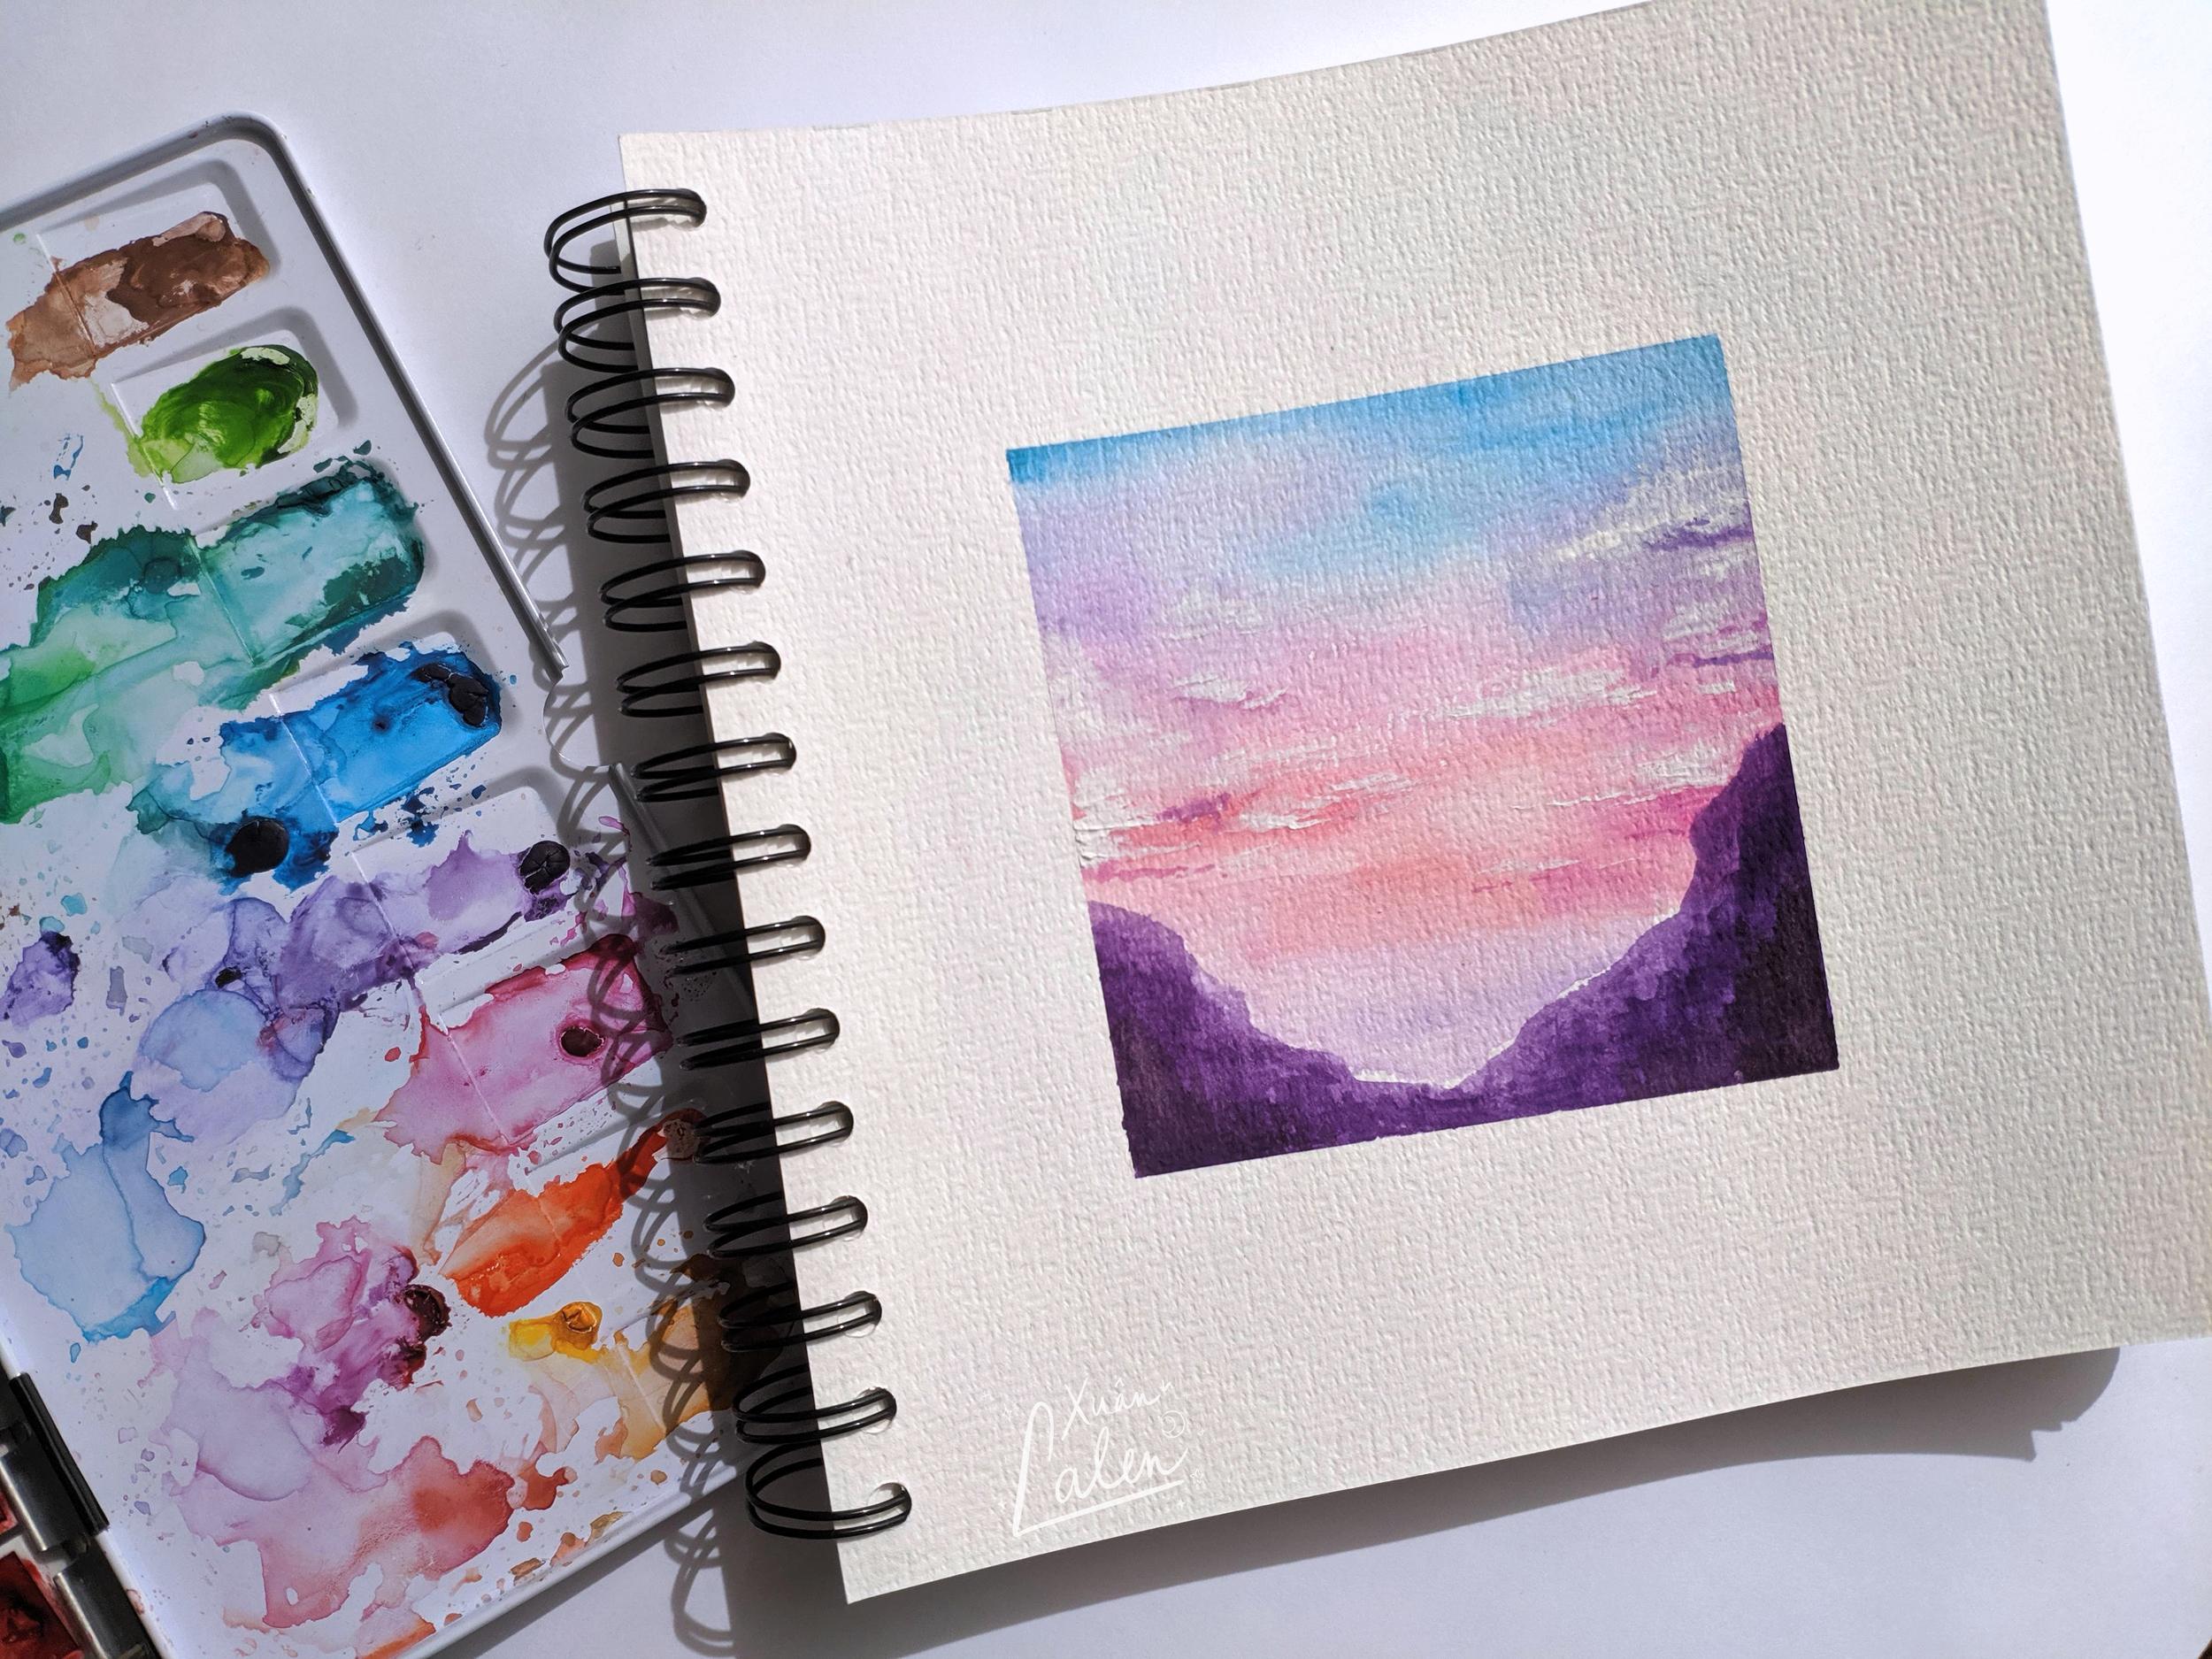 Atelier Sketchbook - Dessiner, partager, créer et s'entraider !